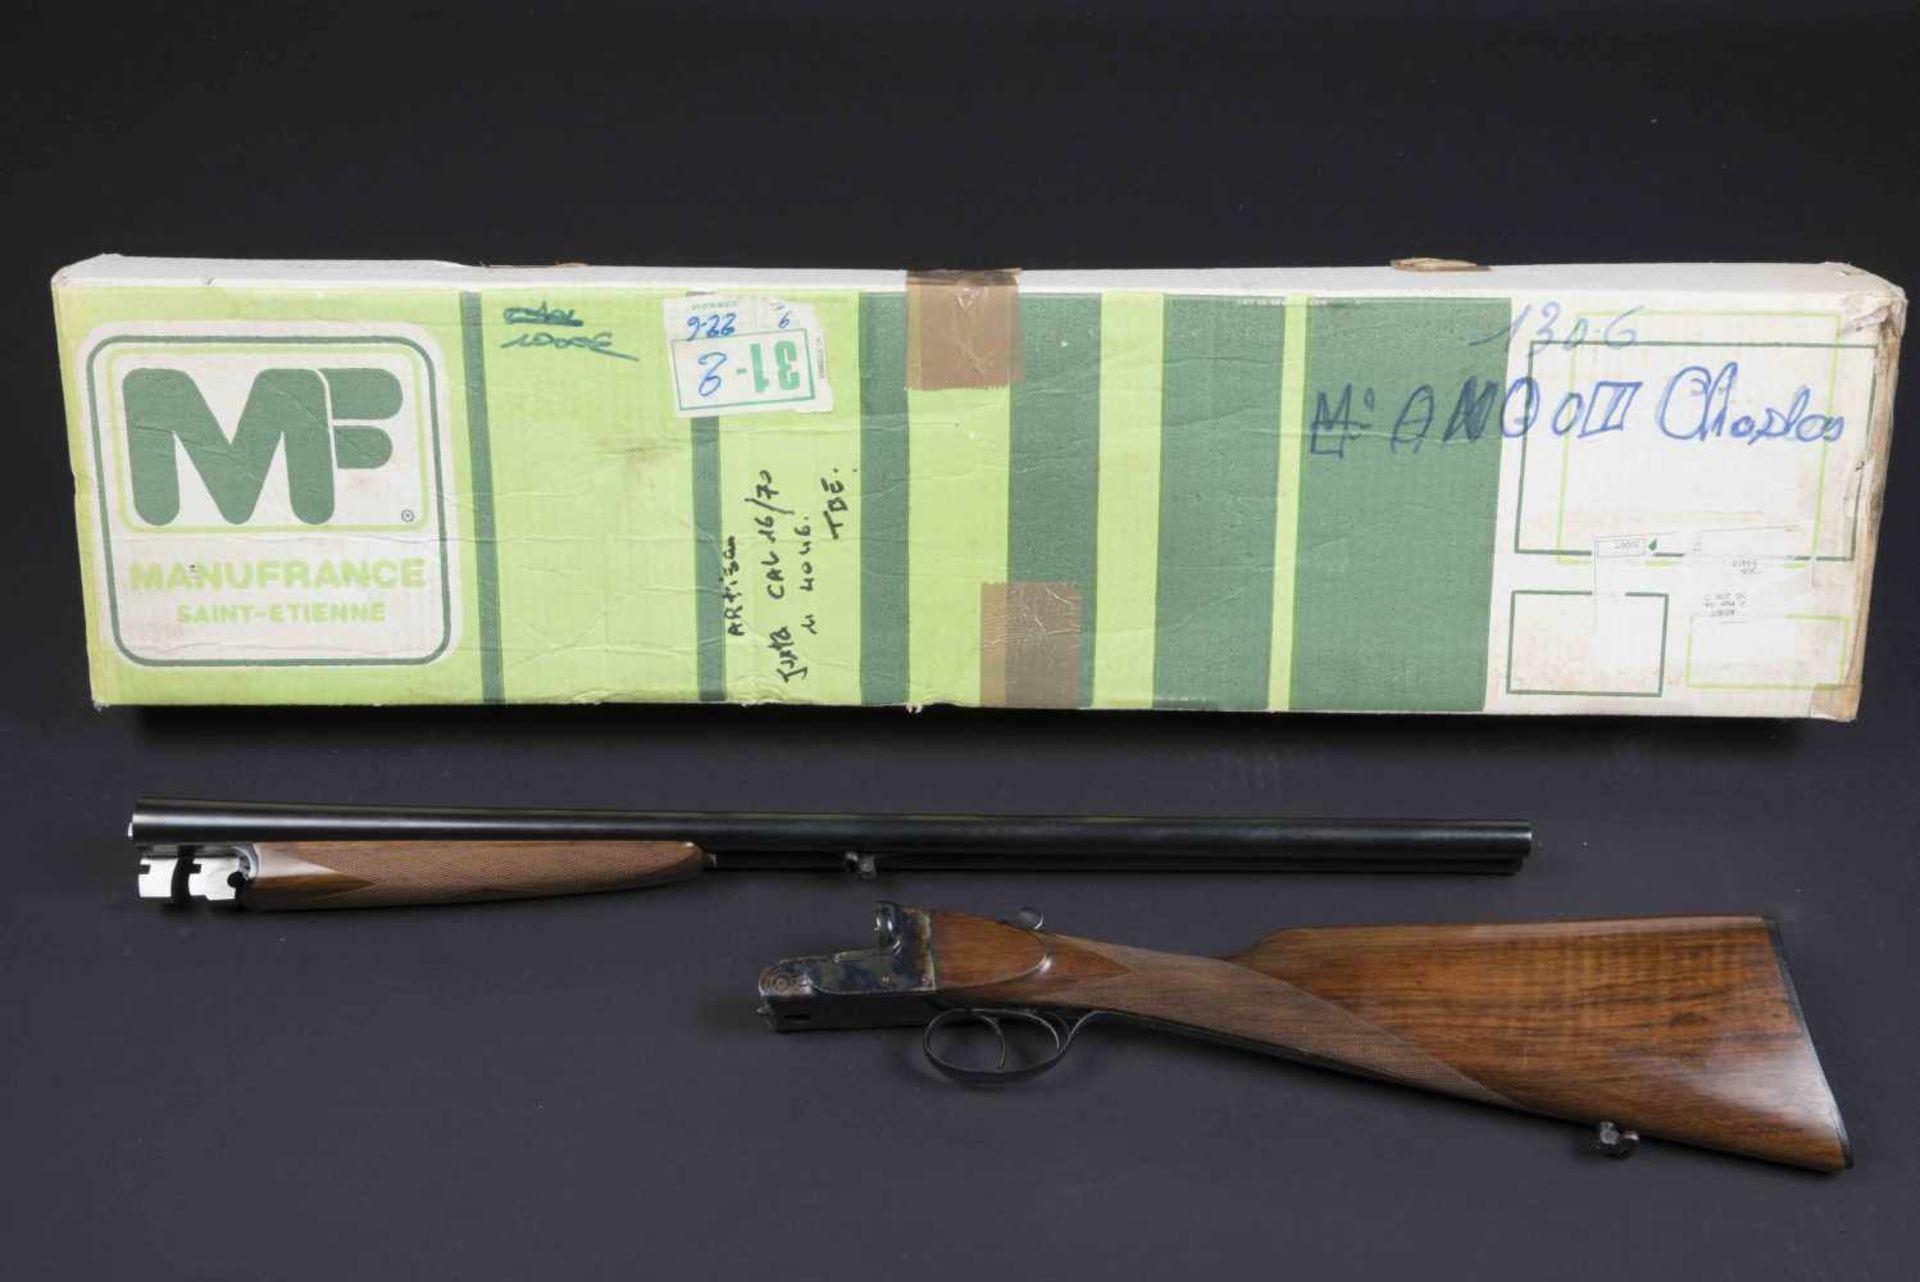 Fusil juxtaposé artisanal Catégorie C Calibre 16/70, numéro 4045, fabrication Poicon Caen, canon